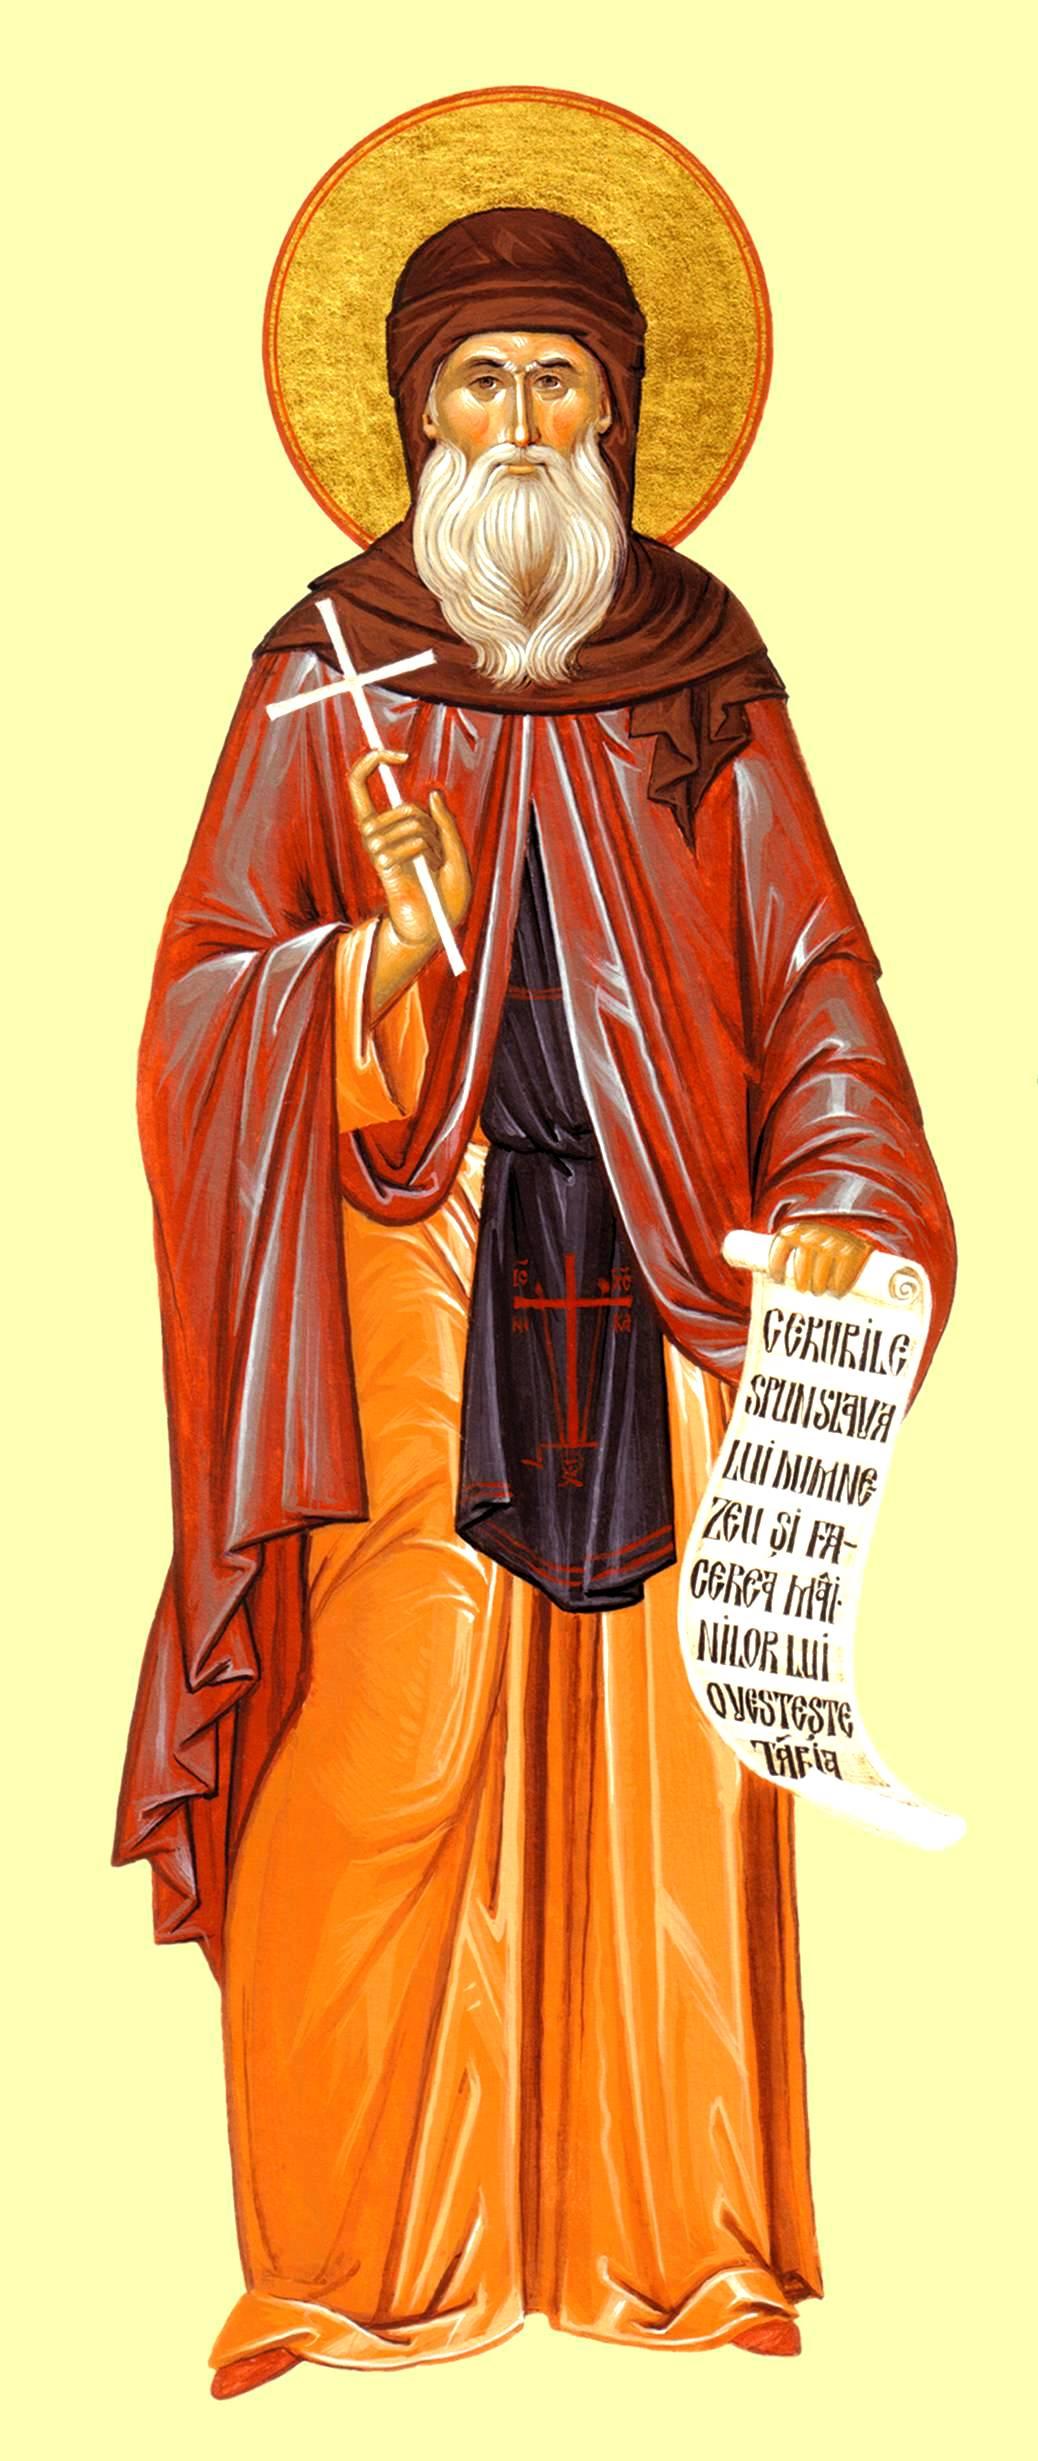 Demetrius of Thessaloniki - Sarah in Romania   Sf. Dimitrie